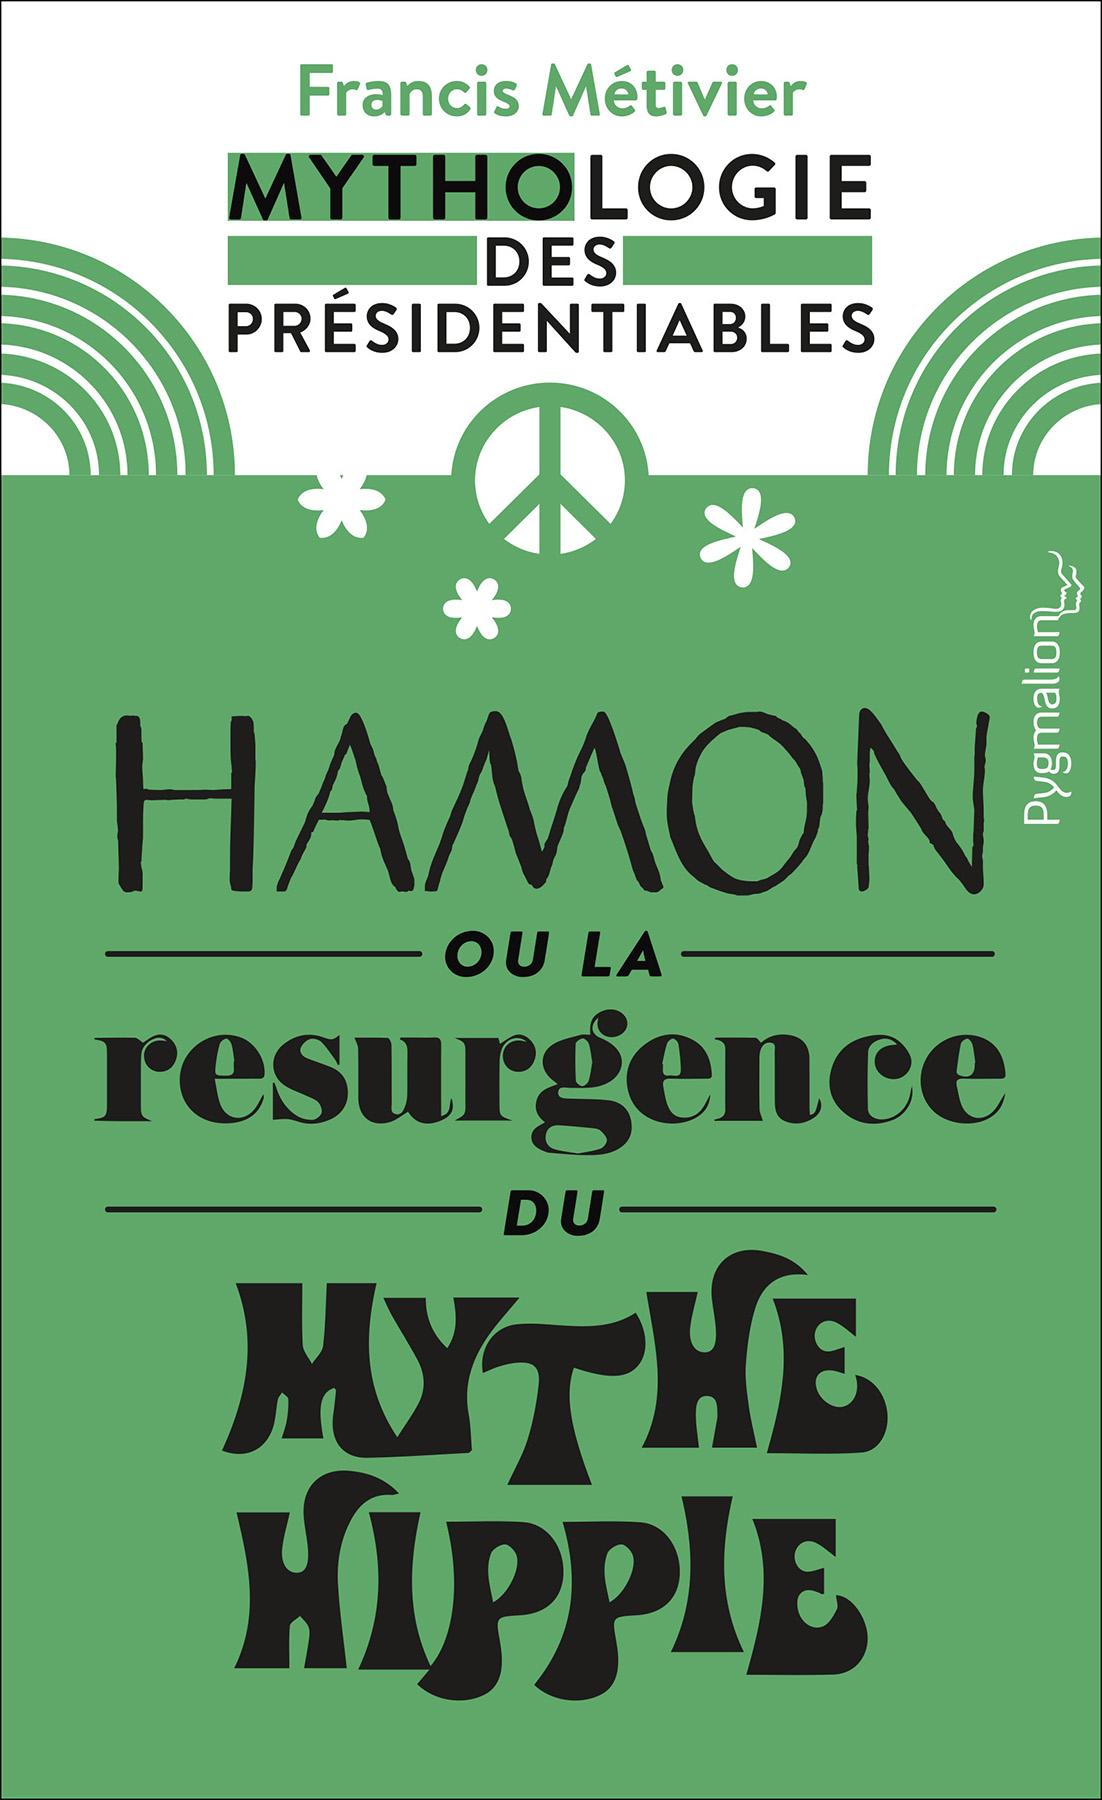 Hamon ou la résurgence du m...